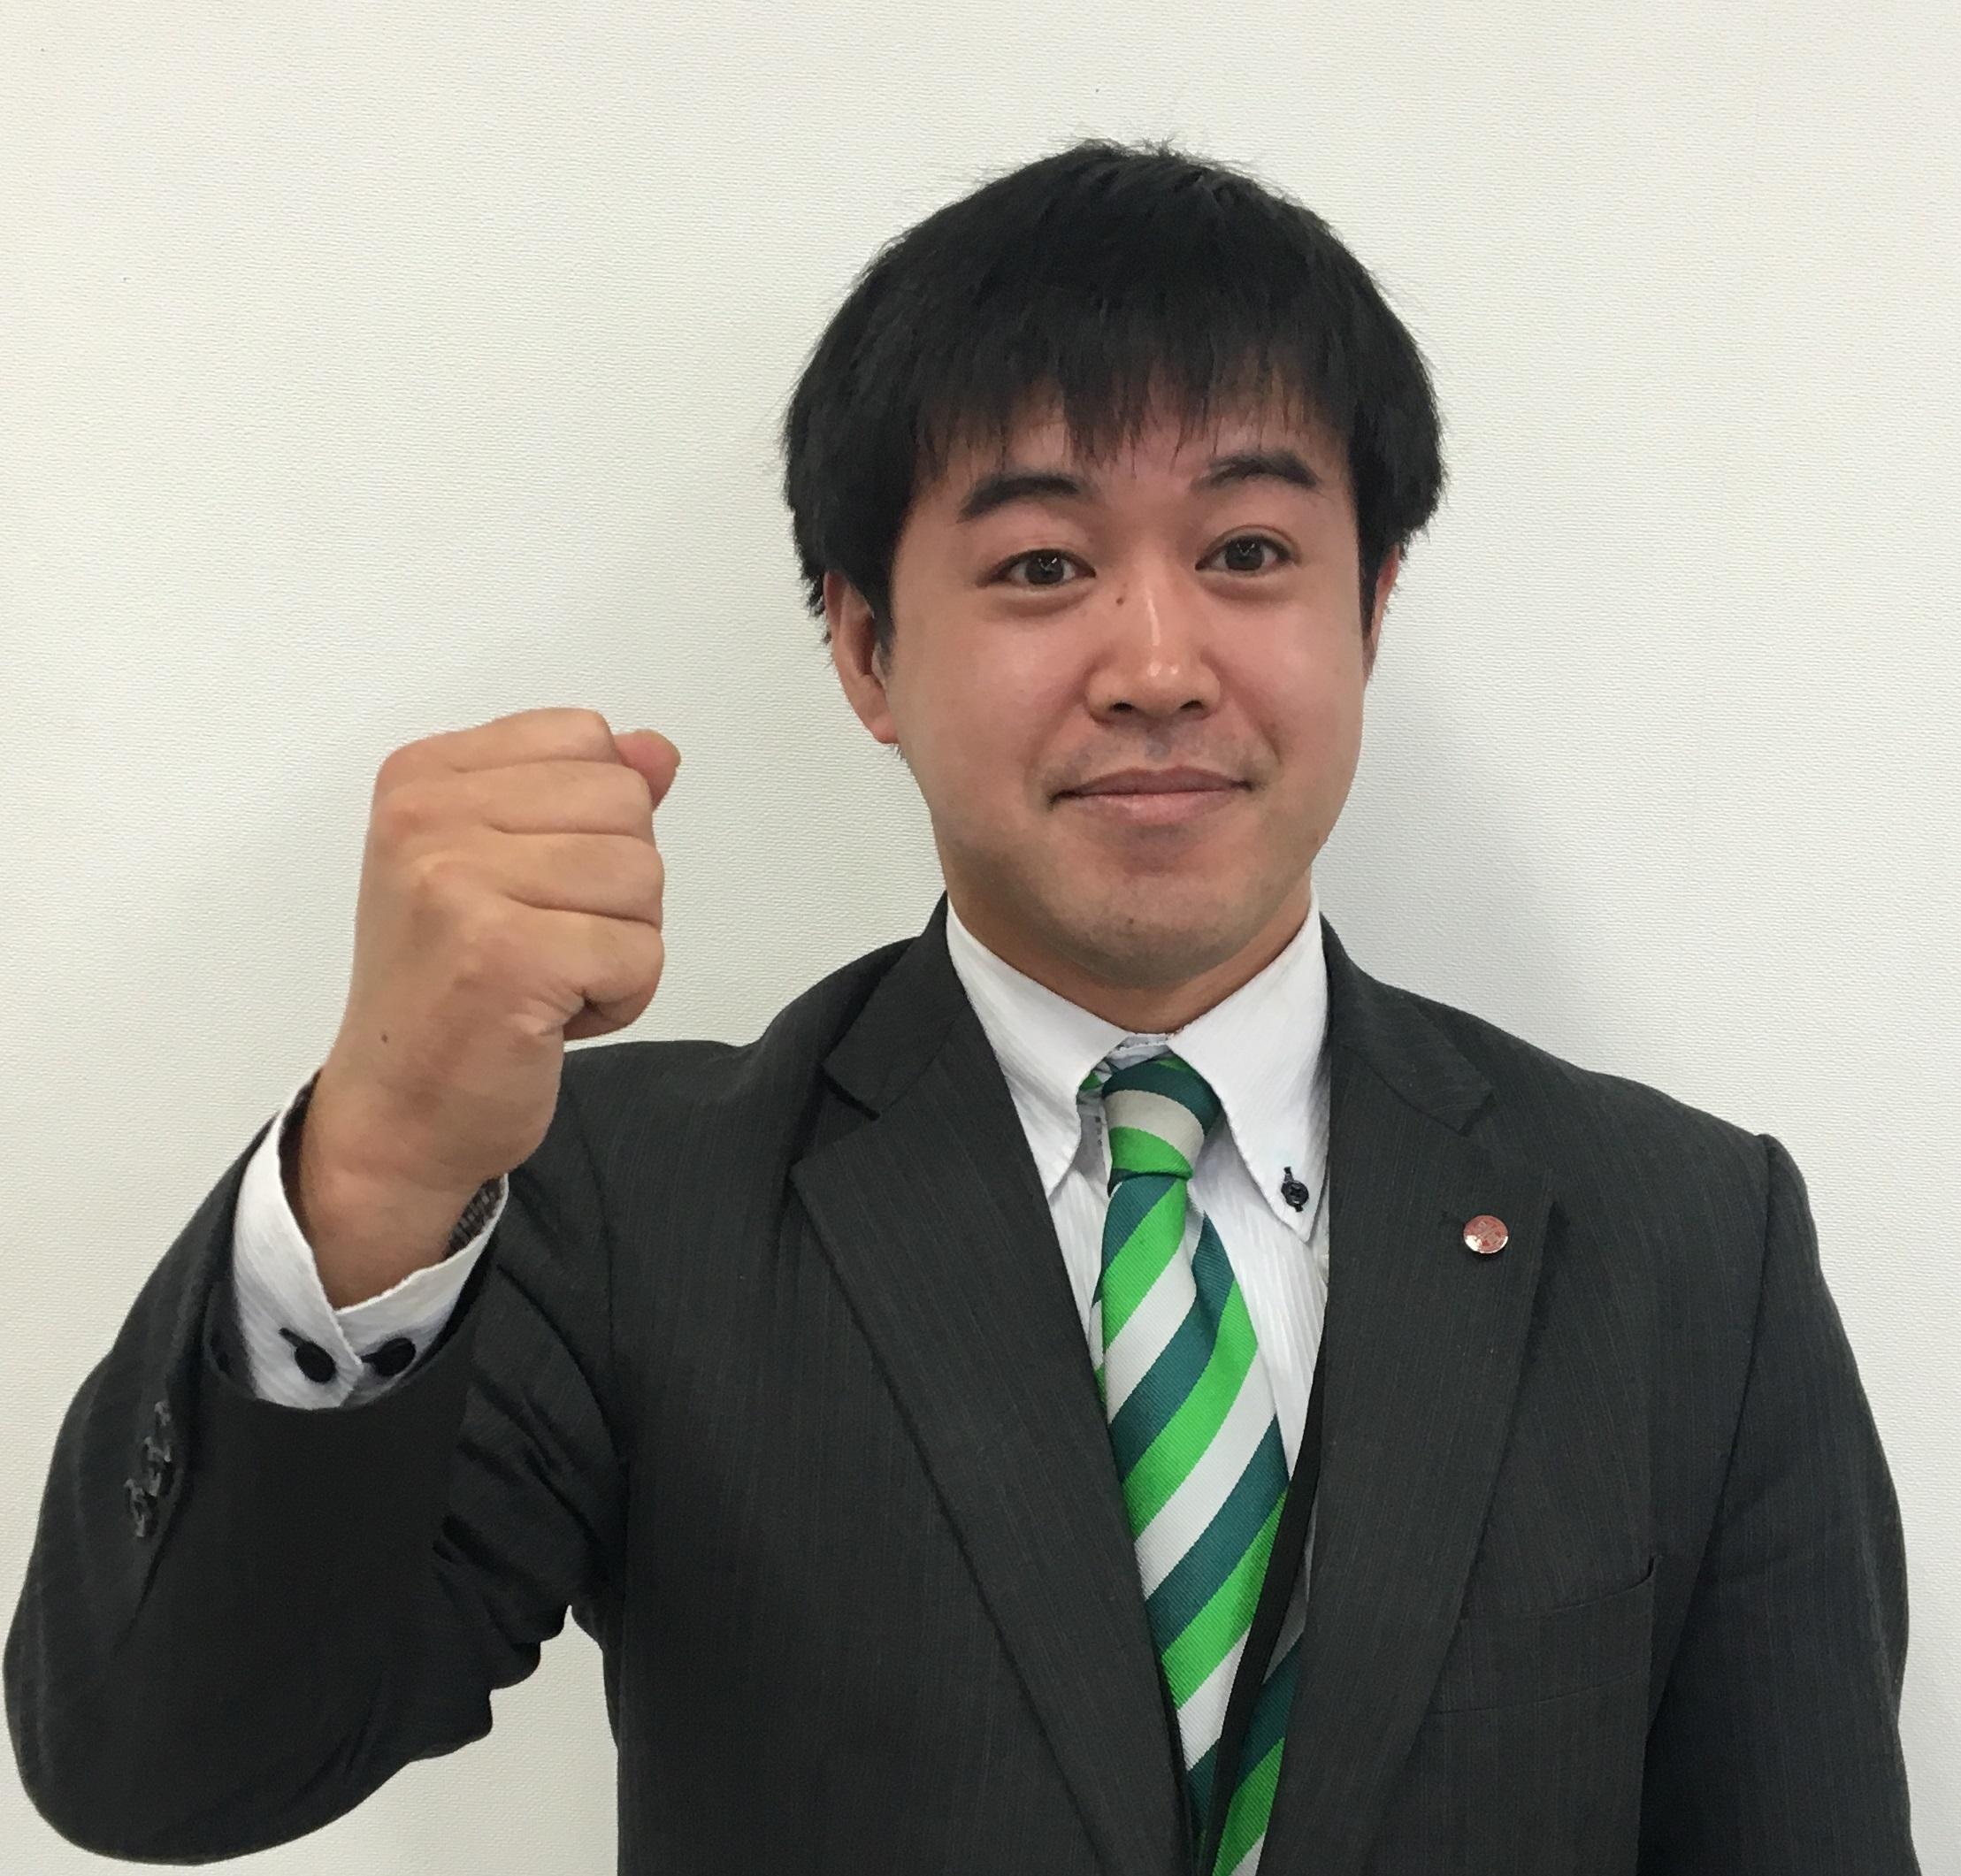 4月13日(土)13:00~ 中1 特別学習指導 無料公開 開催